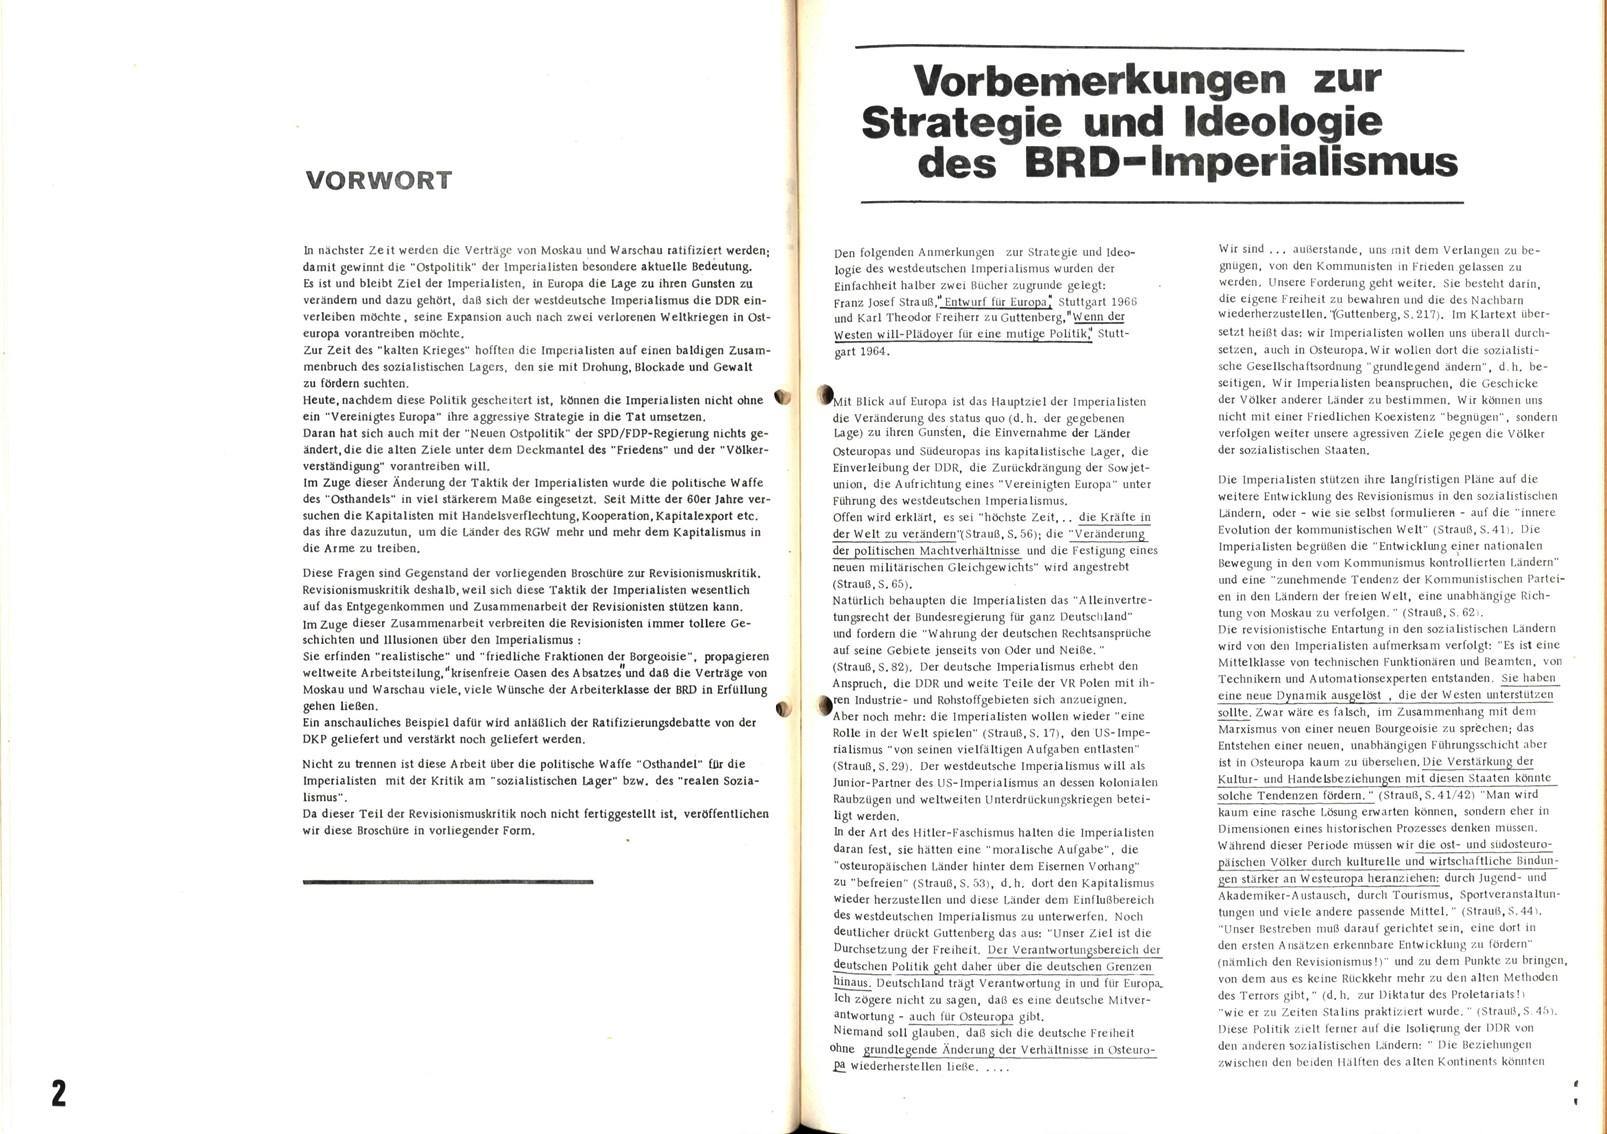 KB_Unser_Weg_19720800_02